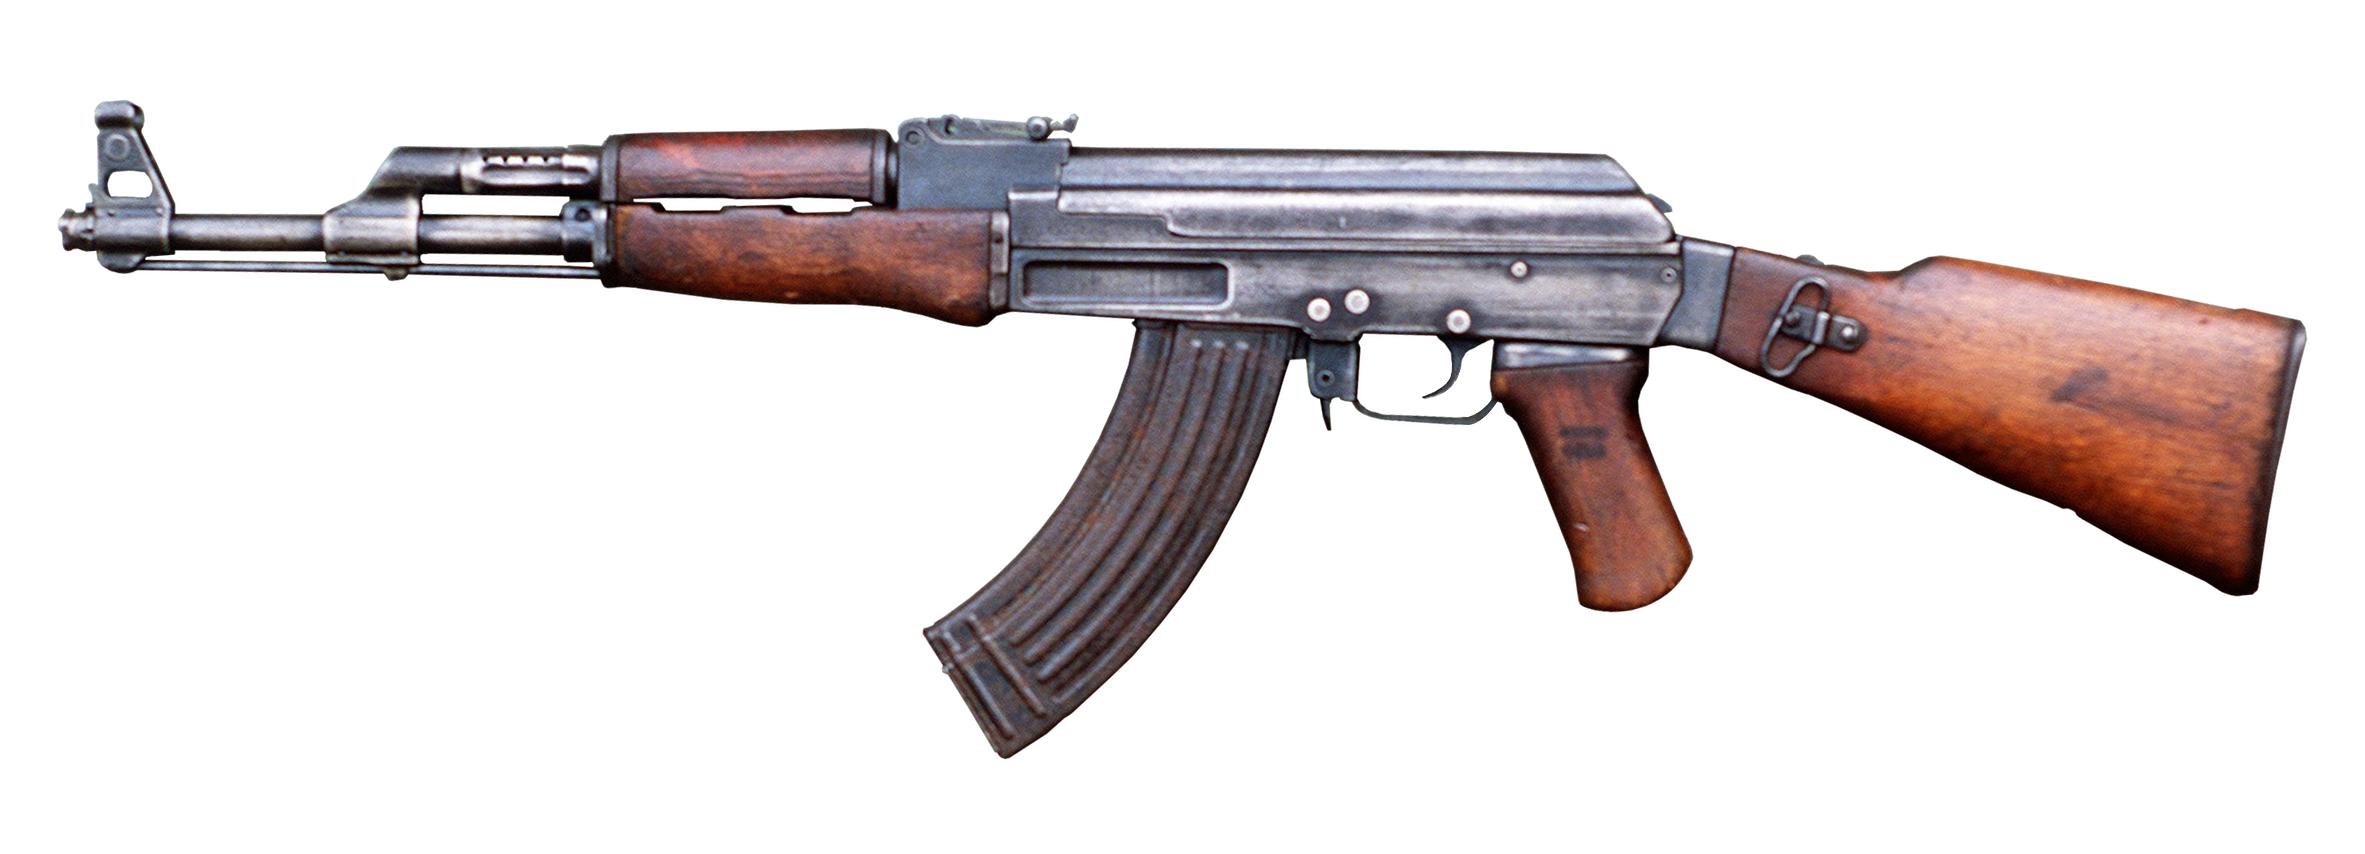 Guns clipart ww1 gun. Ak png weapon reference